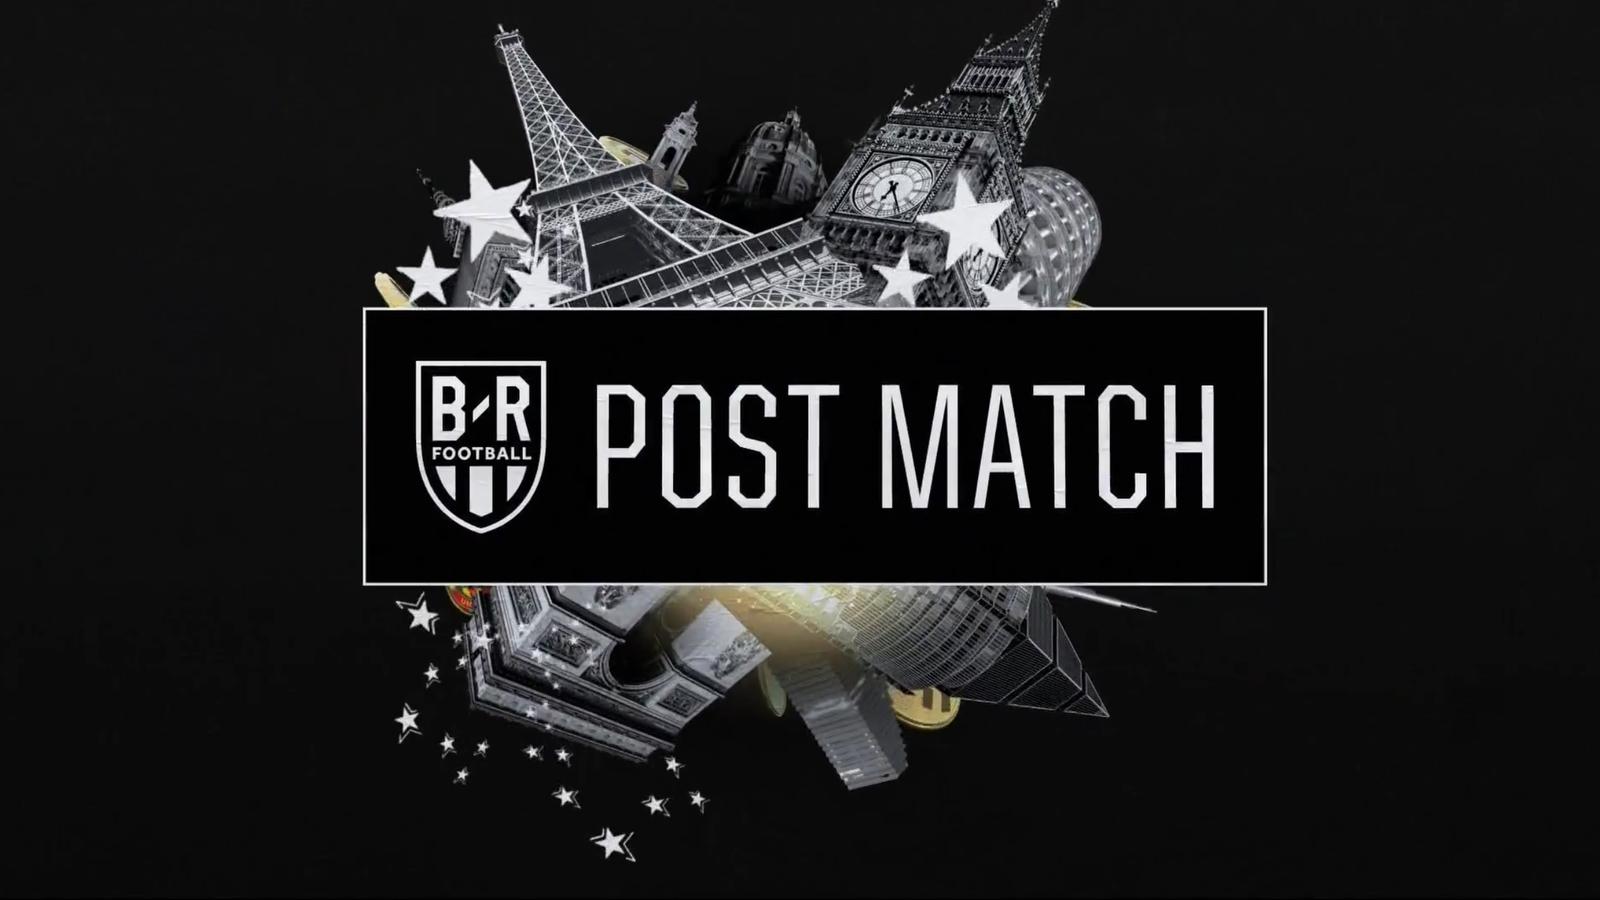 NCS_BR-Football-UEFA_Graphics-00007